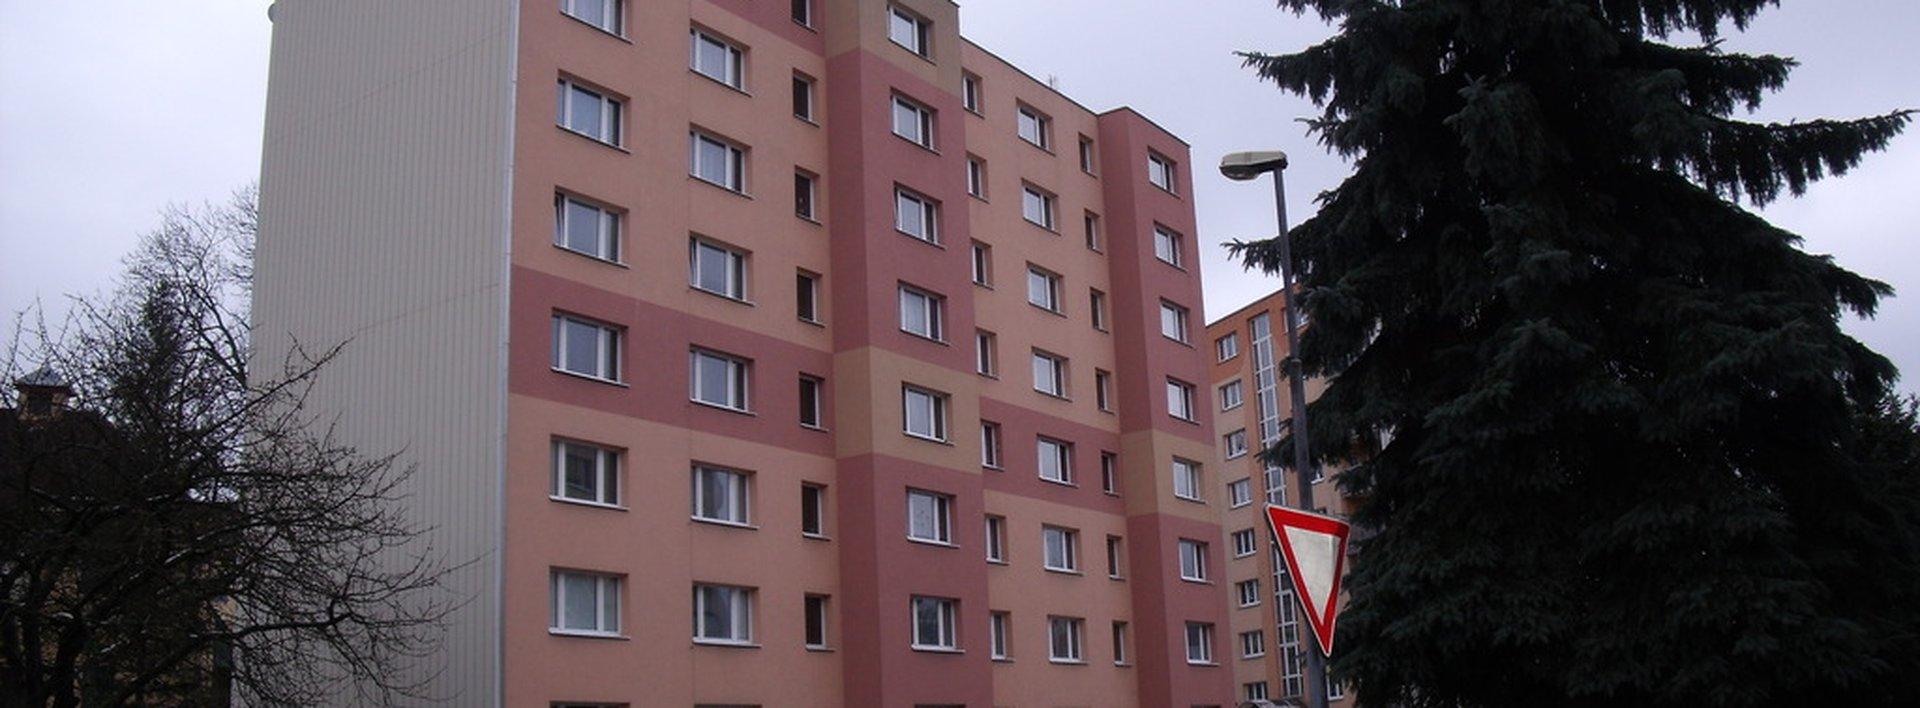 Prodej útulného bytu 2+kk v OV v Jablonci nad Nisou, ul. Březová, Ev.č.: N47608